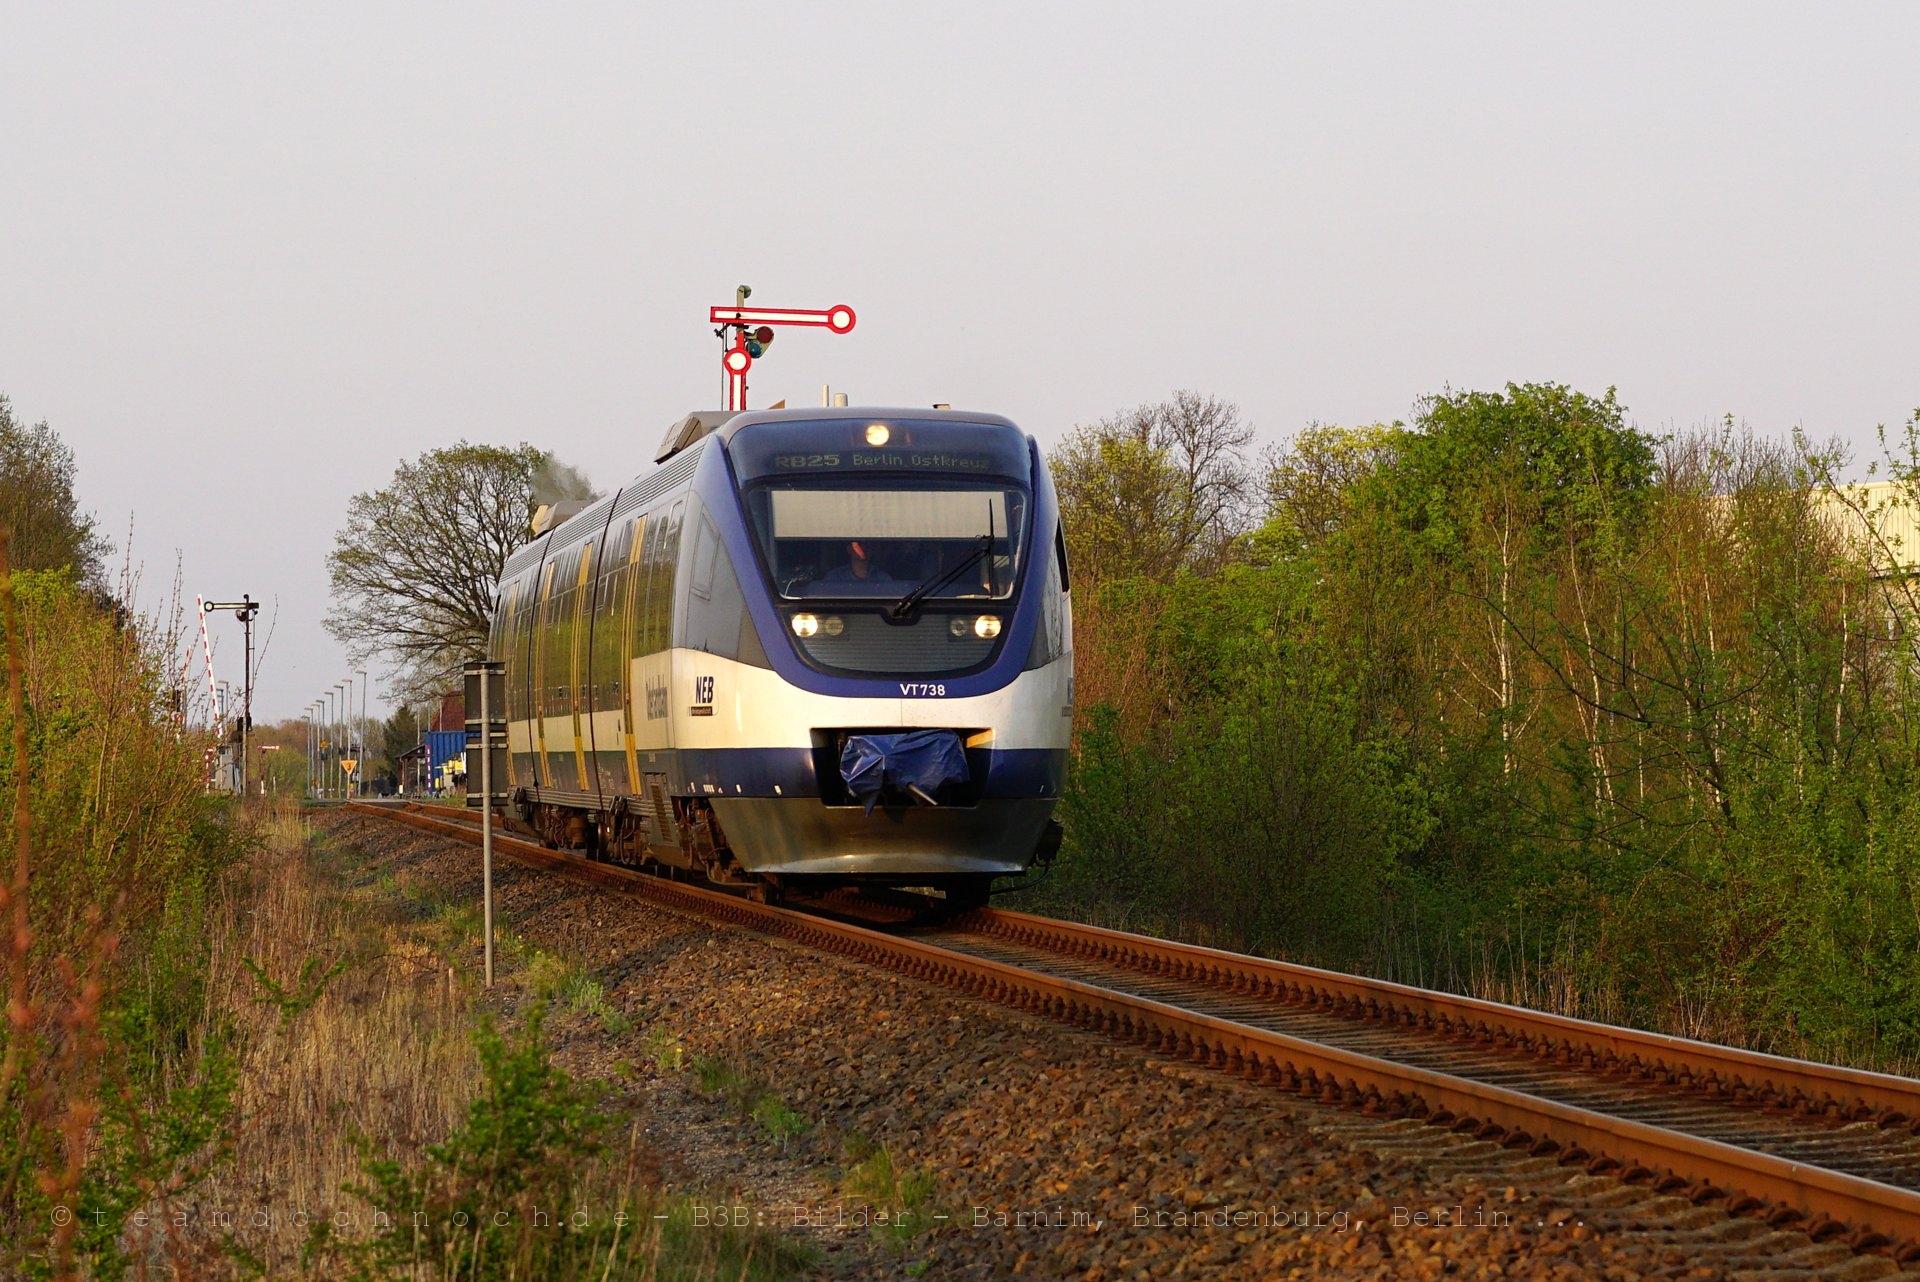 VT738 der NEB am westlichen (Form)Einfahrsignal des Bahnhofs Blumberg